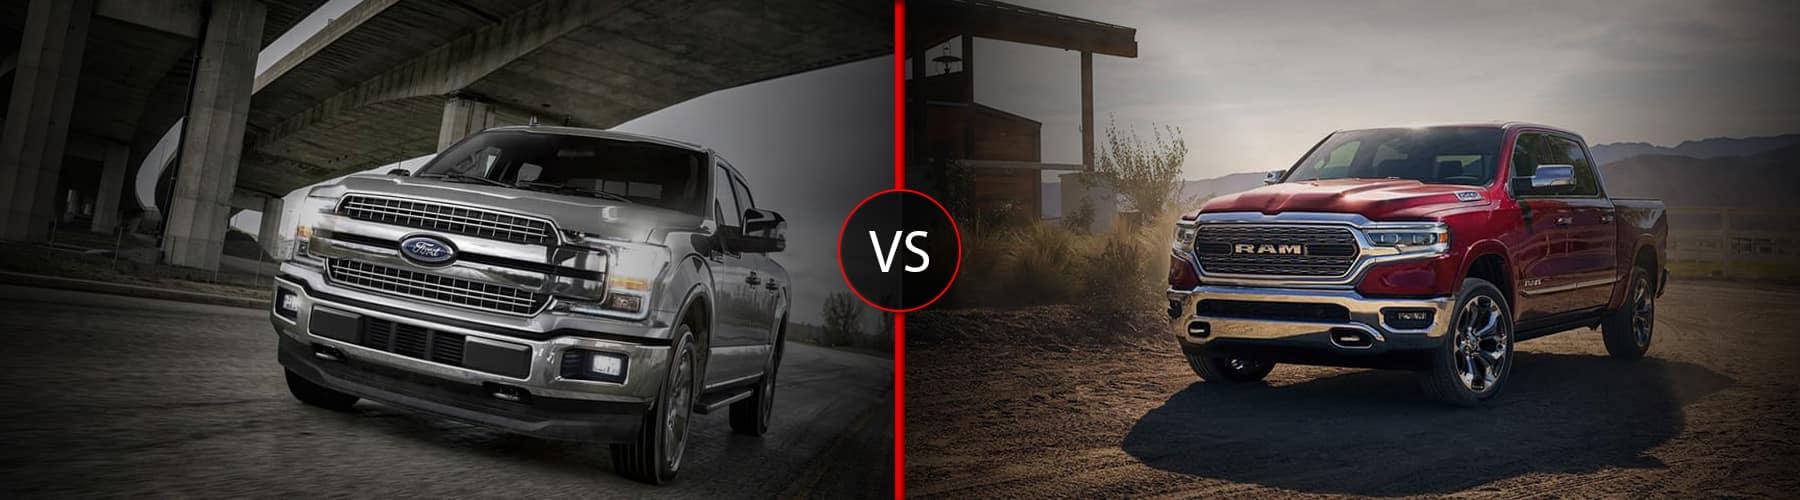 Ford vs Ram